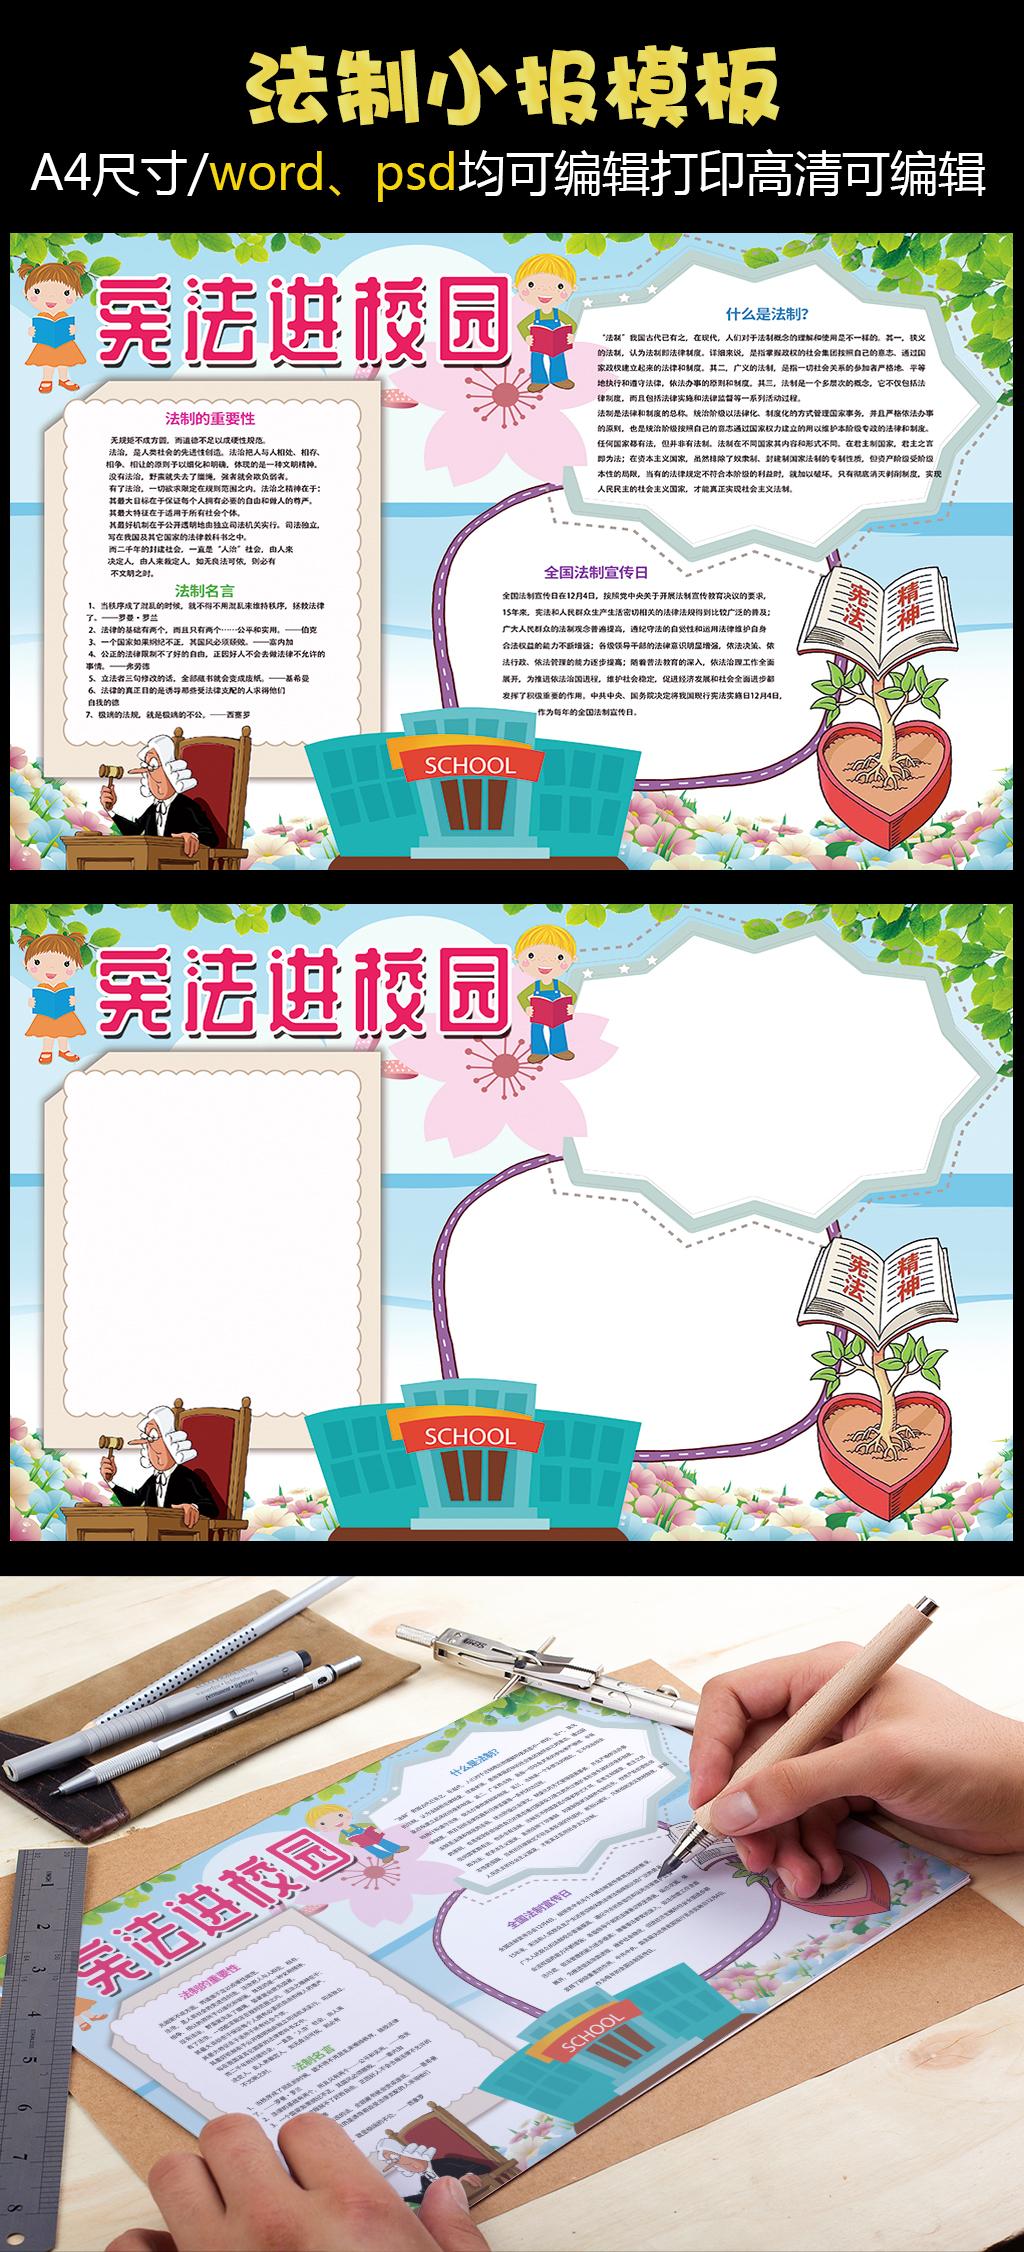 法制小报宪法进校园手小报模板图片设计素材 高清PSD下载 113.99MB